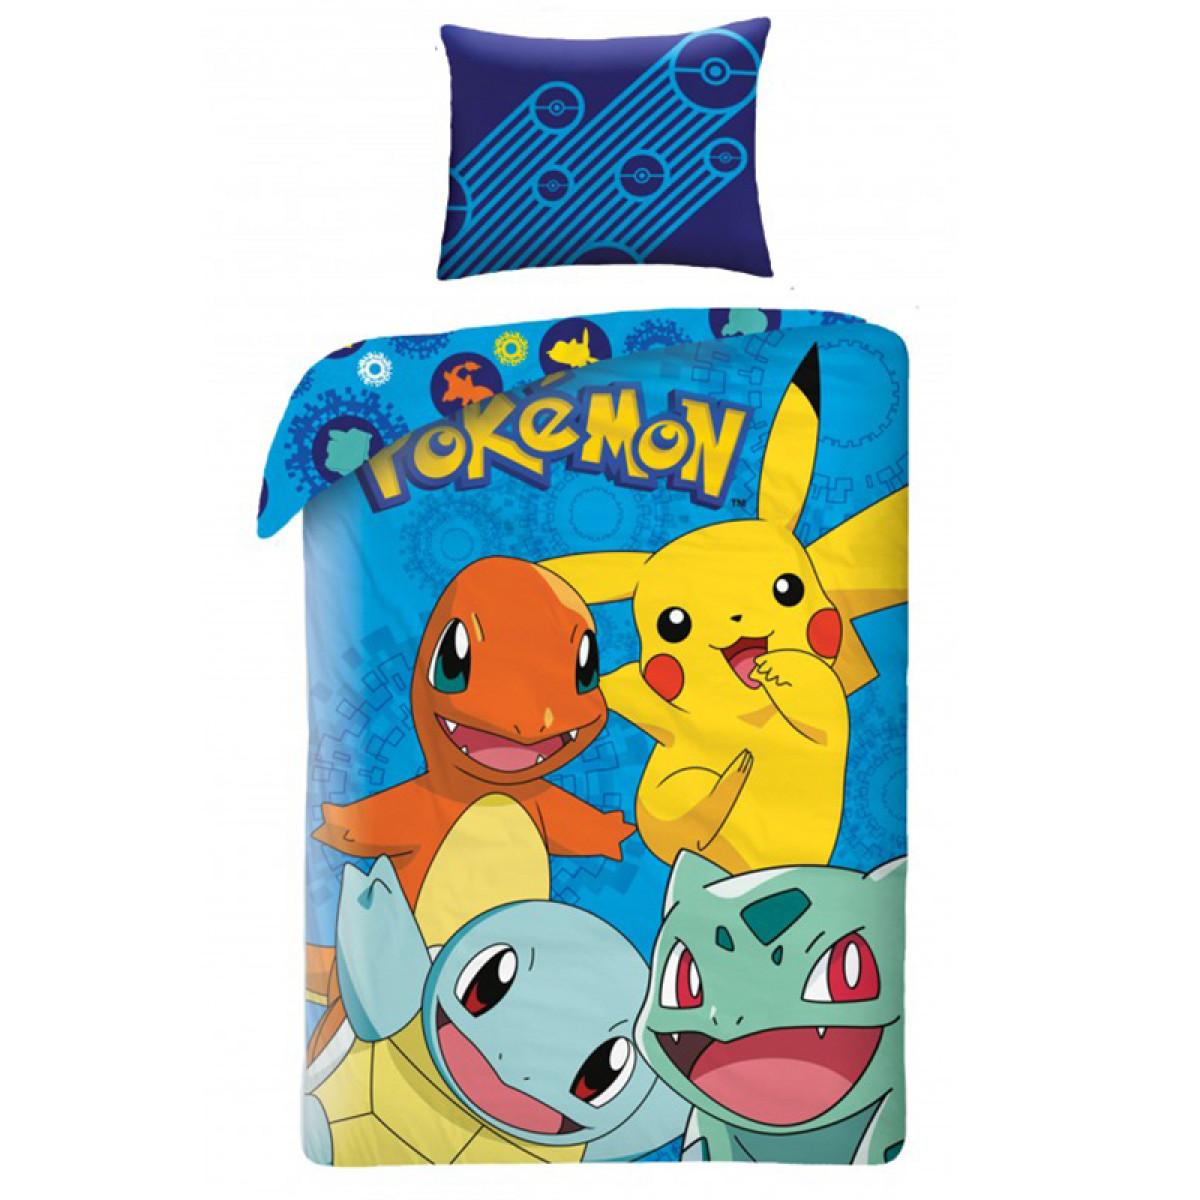 pokémon duvet sets and pikachu bedding pokemon